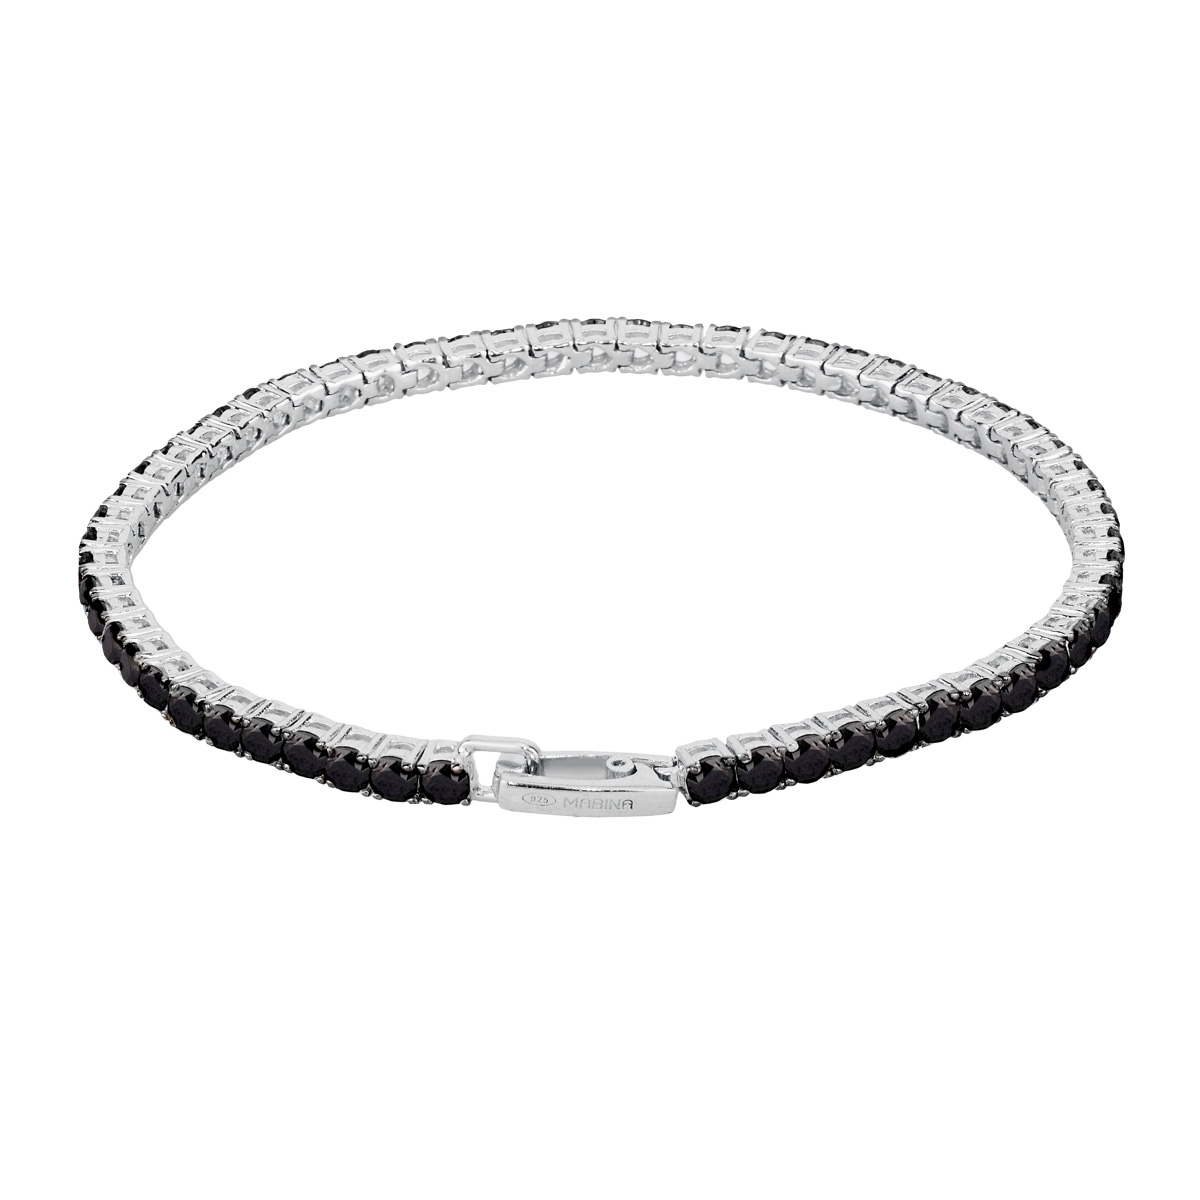 Bracciale tennis Mabina in argento con zirconi neri 533023